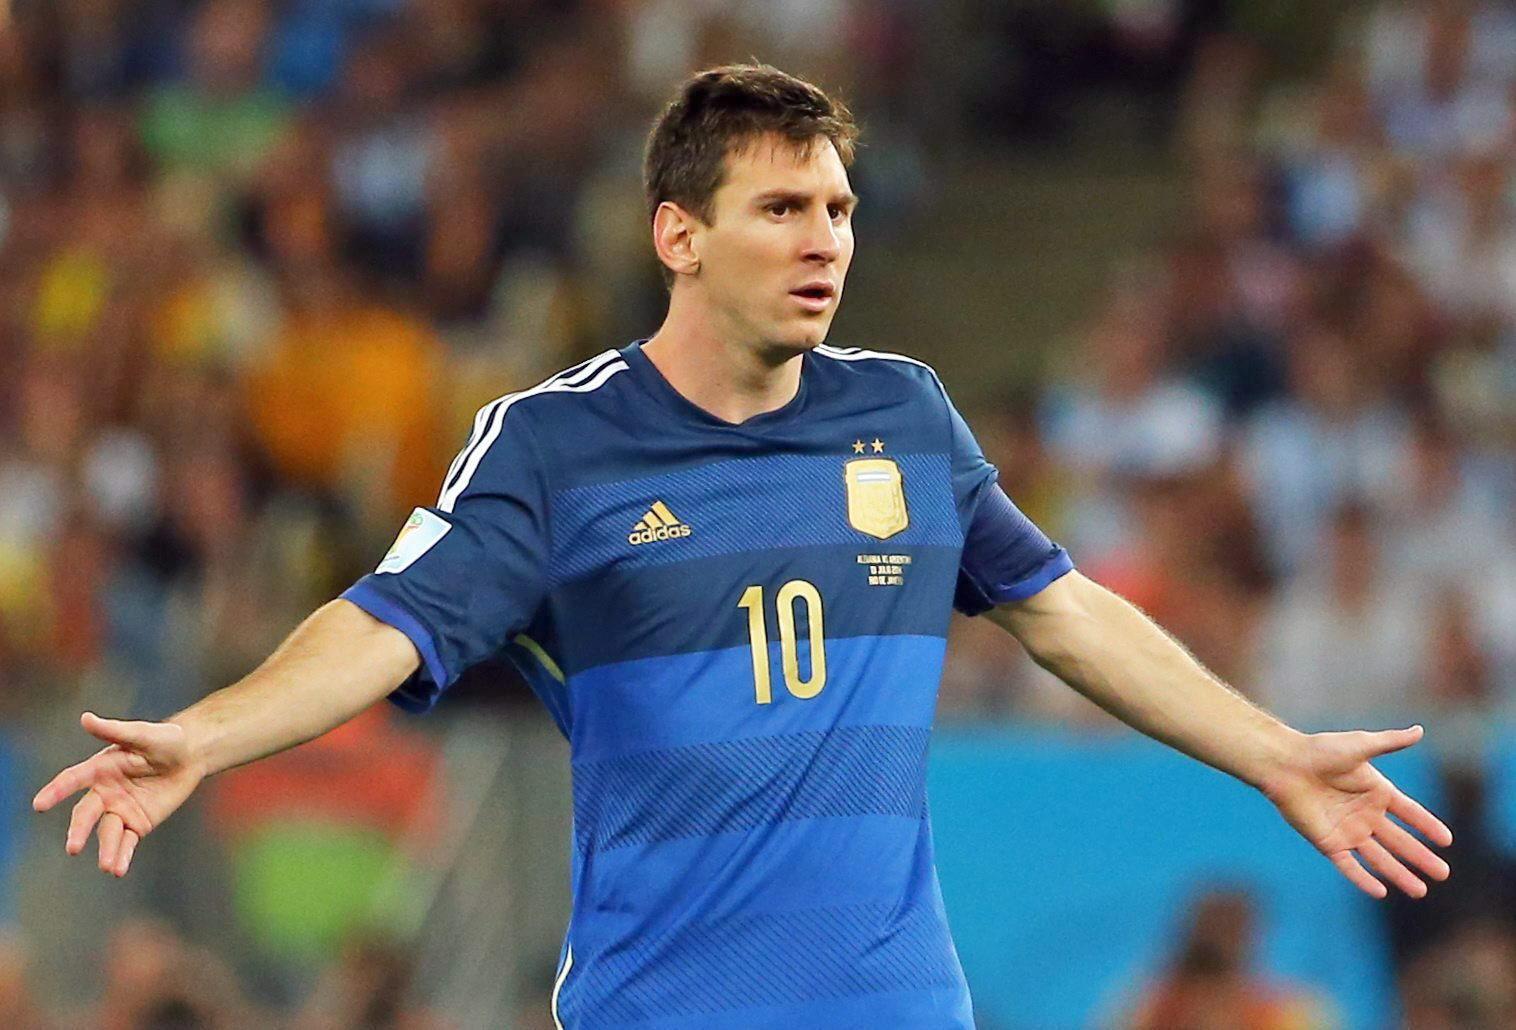 La injusta decisión de la FIFA  Messi es nombrado mejor jugador del ... 1c8ec95acc1c3